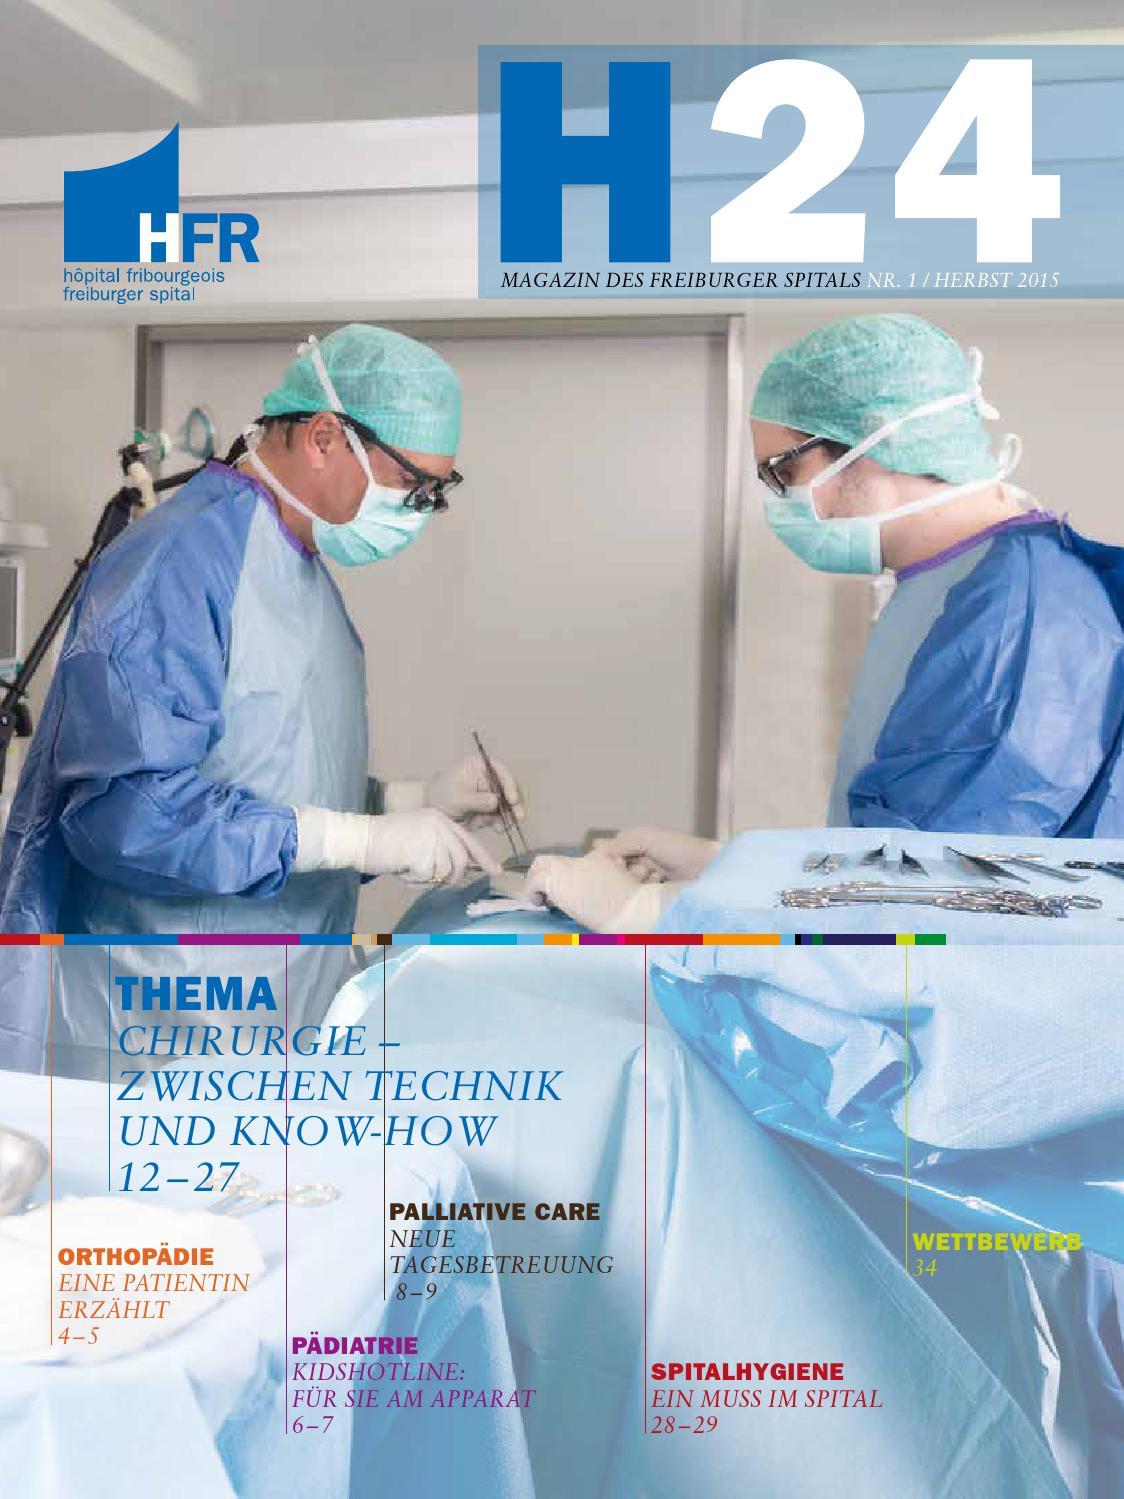 H24 – Magazin des freiburger spitals (HFR) – Nr. 1 (Herbst 2015 ...